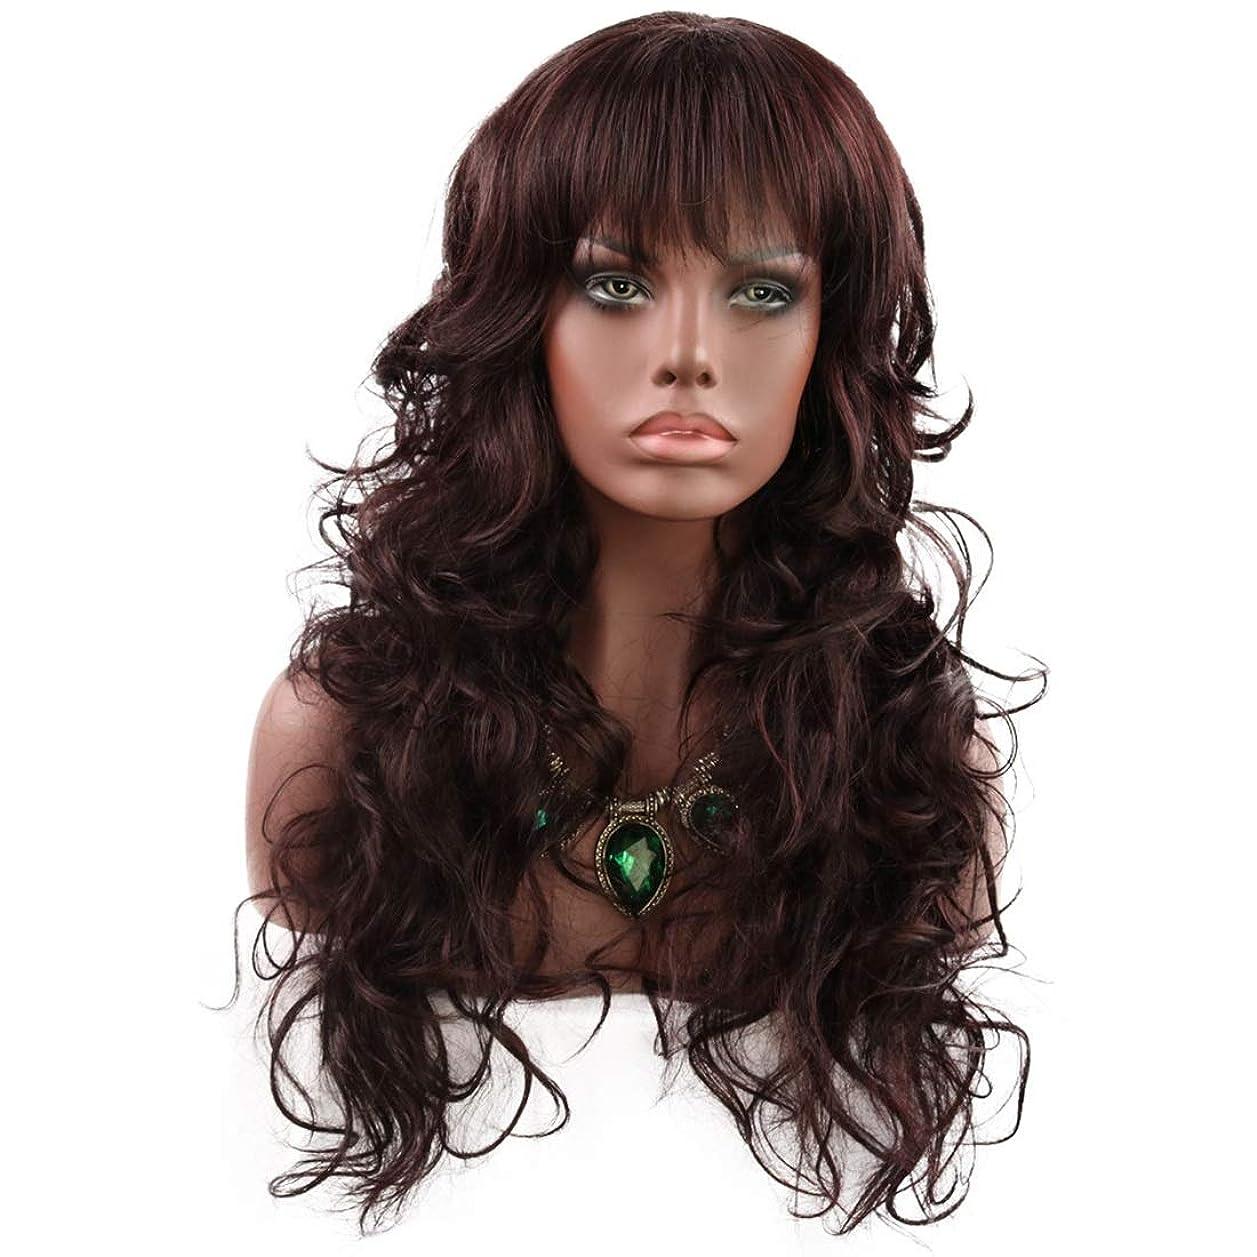 配るランチョンアイスクリームJIANFU レディースロングカーリーフラットバンズヘア仮装パーティー小道具ライト耐熱ワイヤー合成ウィッグ (Color : Dark brown, サイズ : 190-210cm)